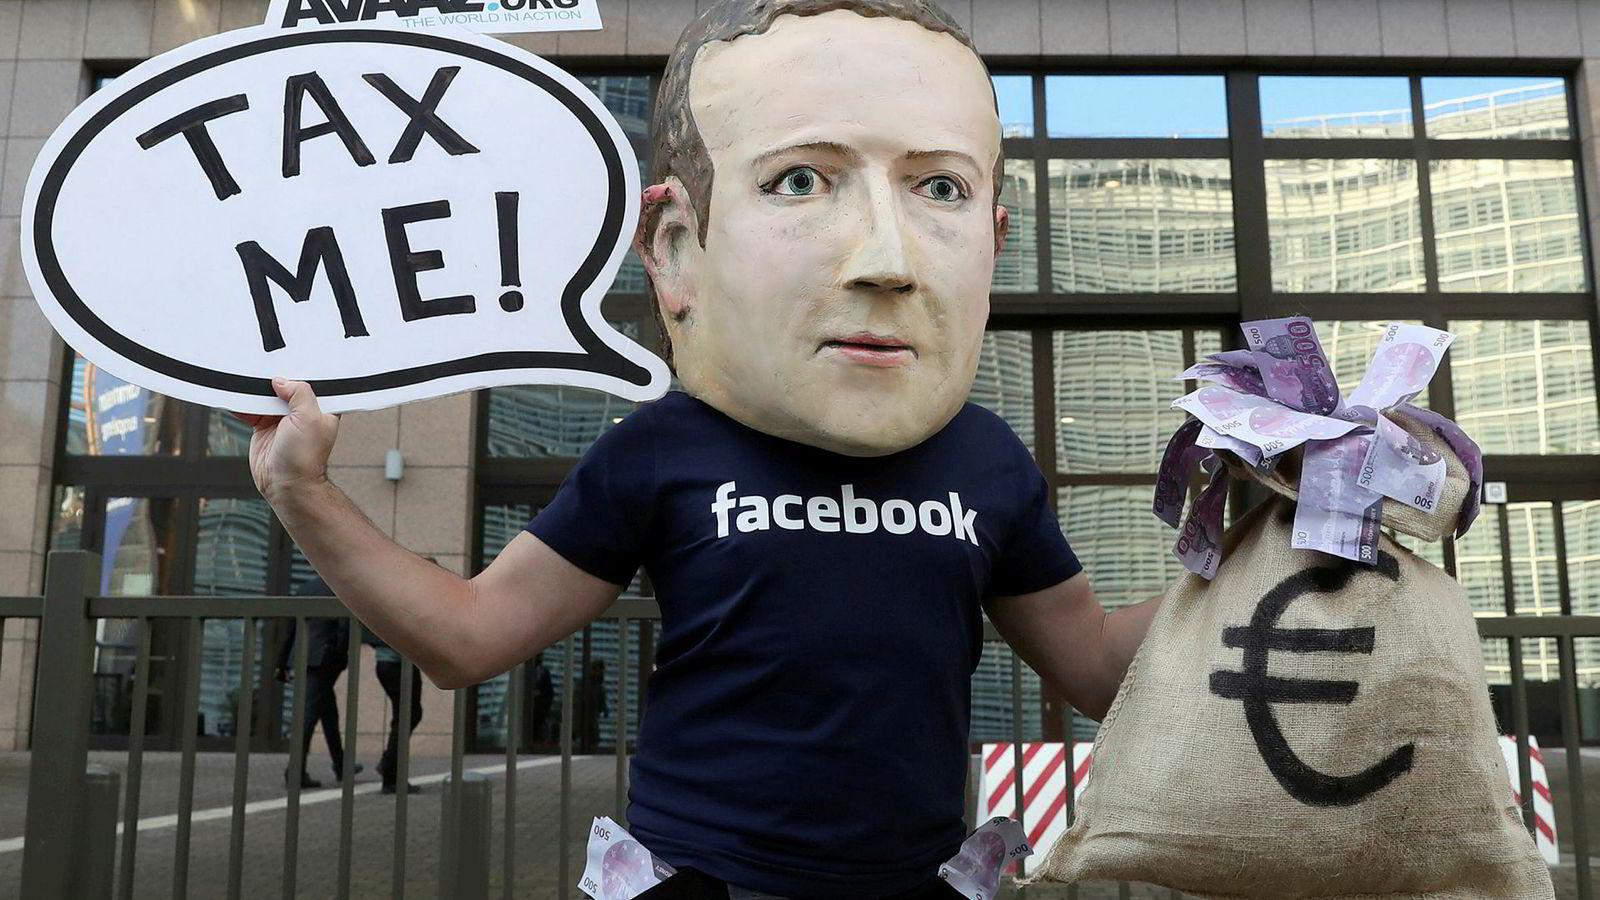 En aktivist brukte en Mark Zuckerberg-maske for å markere seg utenfor EUs hovedkvarter i Brussel i fjor.